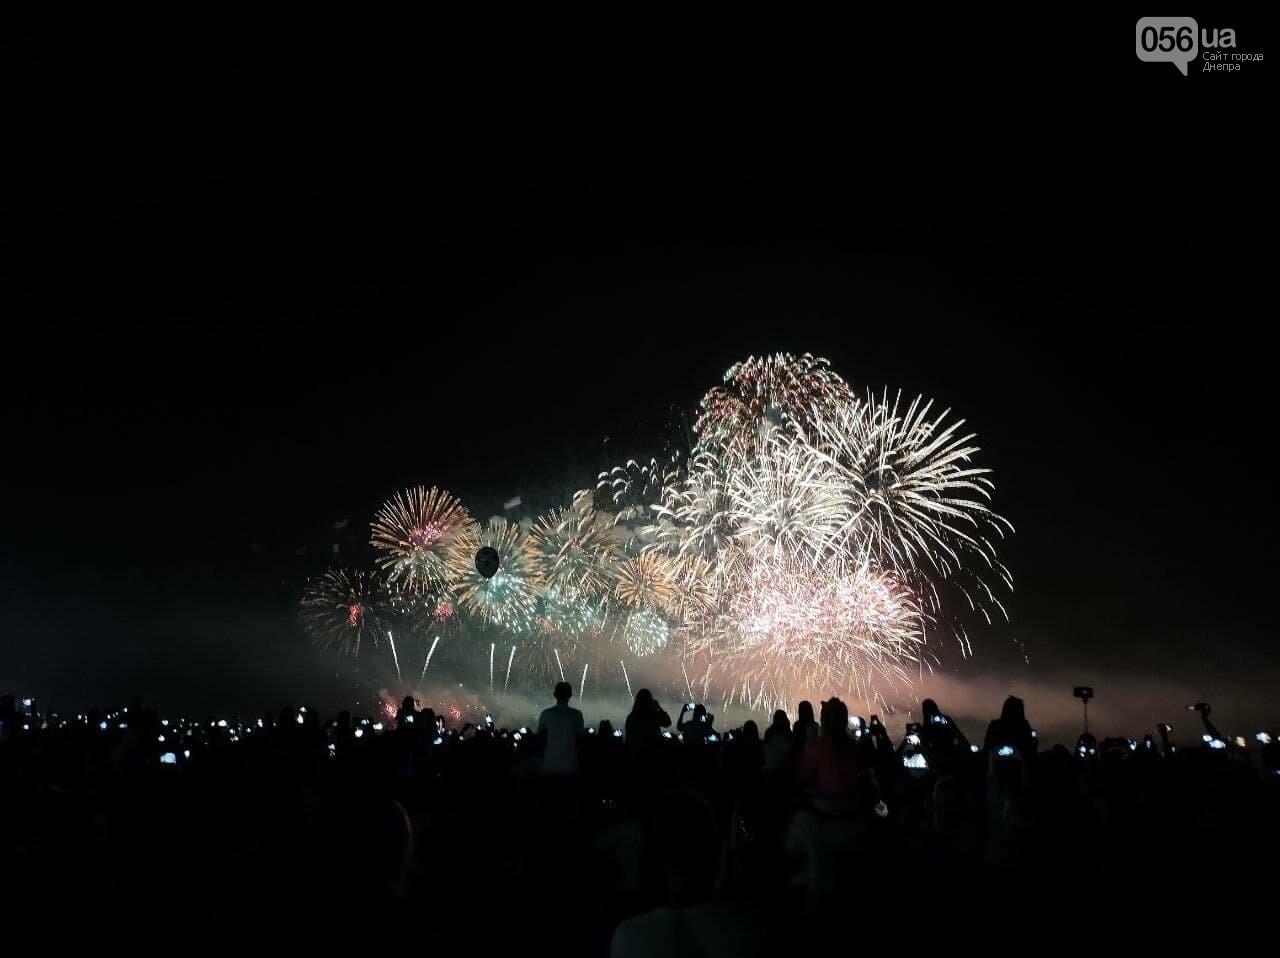 В Днепре на День города показали шоу, которое претендует стать самой масштабной артинсталяцией в мире, - ФОТО, ВИДЕО, фото-1